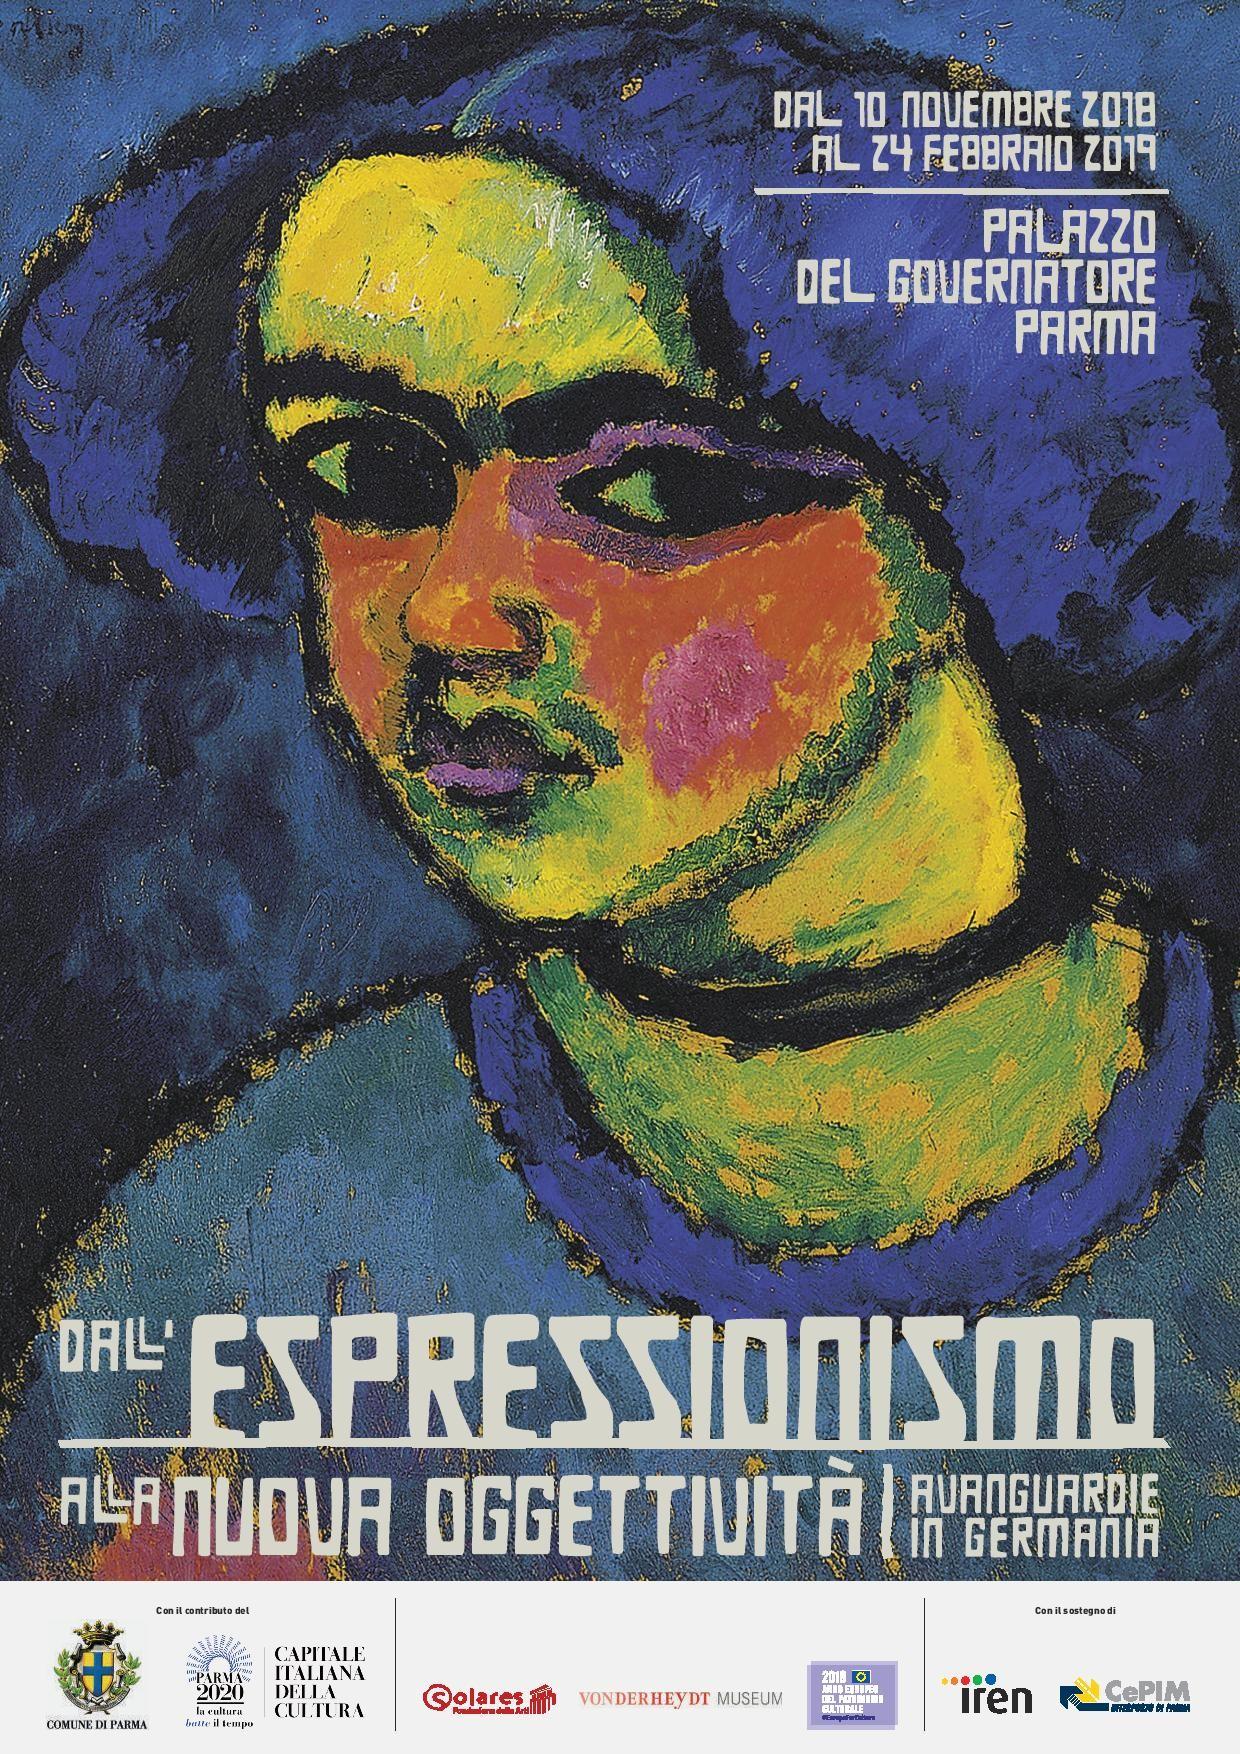 Dall'Espressionismo alla Nuova Oggettività  Avanguardie in Germania a Palazzo del Governatore